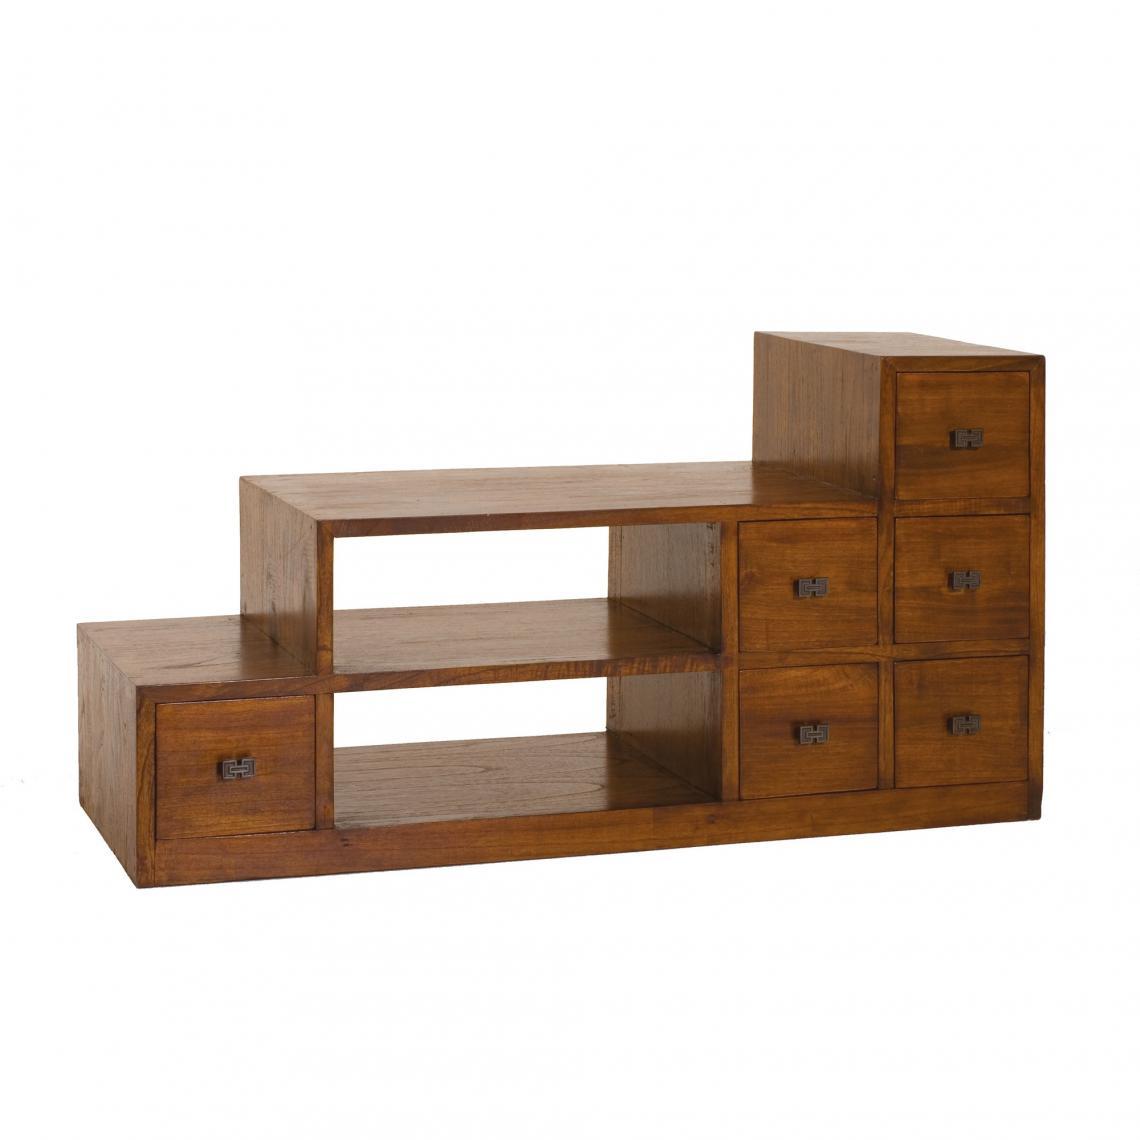 meuble tv escalier 2 niches 6 portes en bois midi unique